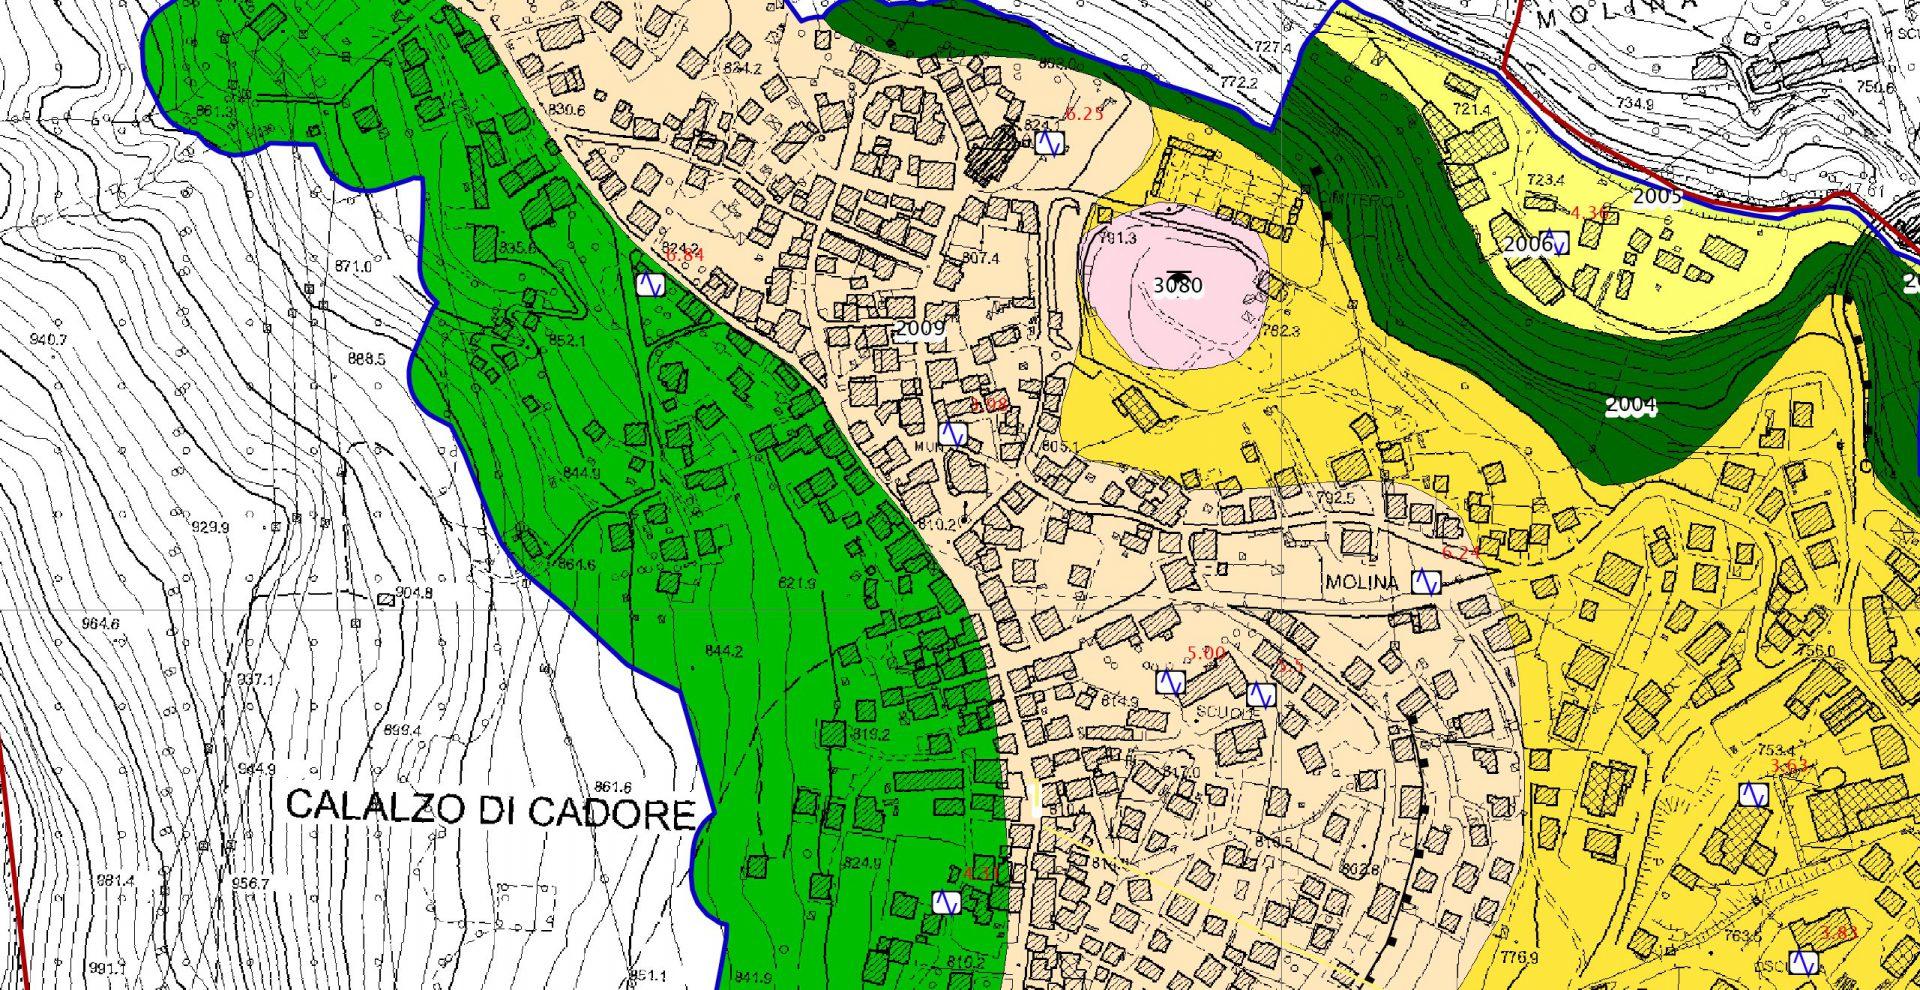 IGS Srl: MS1, MS2, analisi CLE e geofisiche, land planning Cadore Belluno